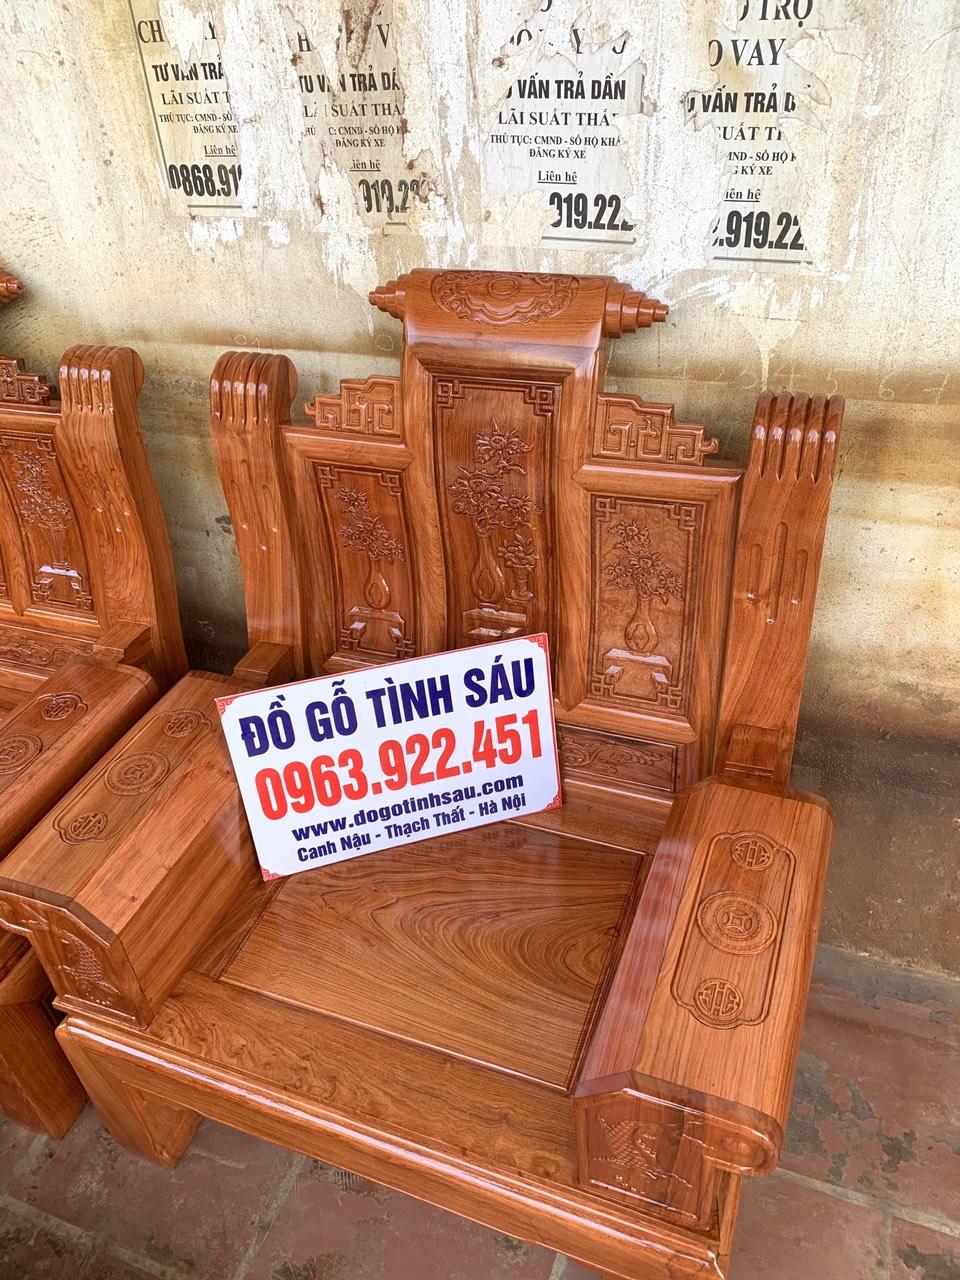 bo ghe au a hop go huong da 2 - Bộ bàn ghế âu á hộp gỗ hương đá chương cuốn thư vân VIP